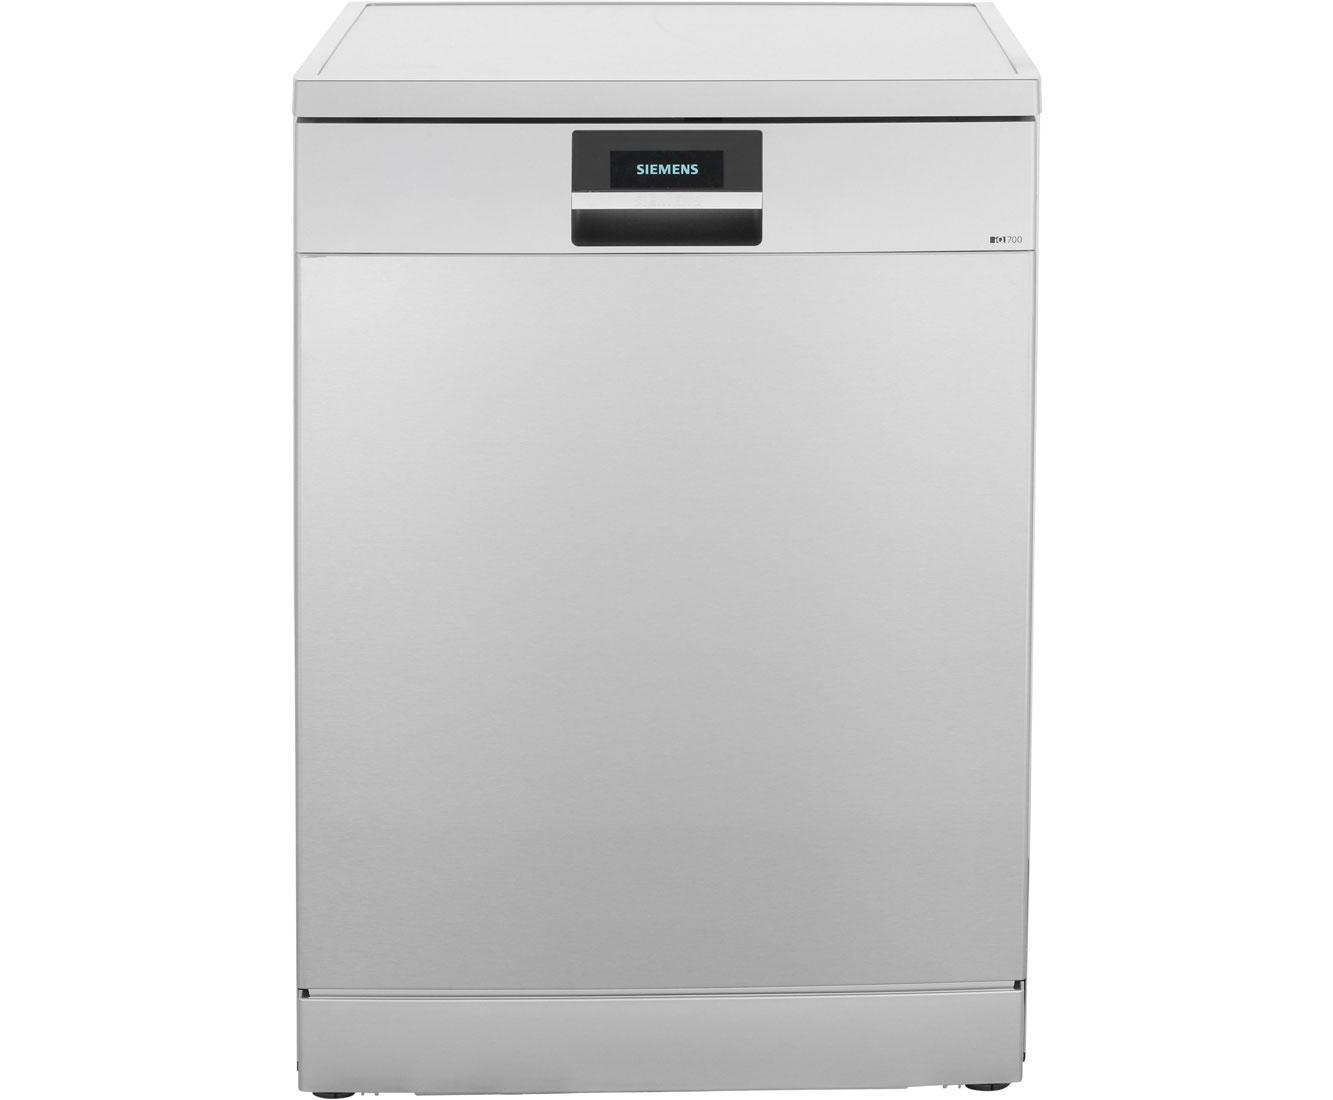 Siemens Kühlschrank Idealo : Schleppscharnier geschirrspüler bosch bosch kühlschrank front